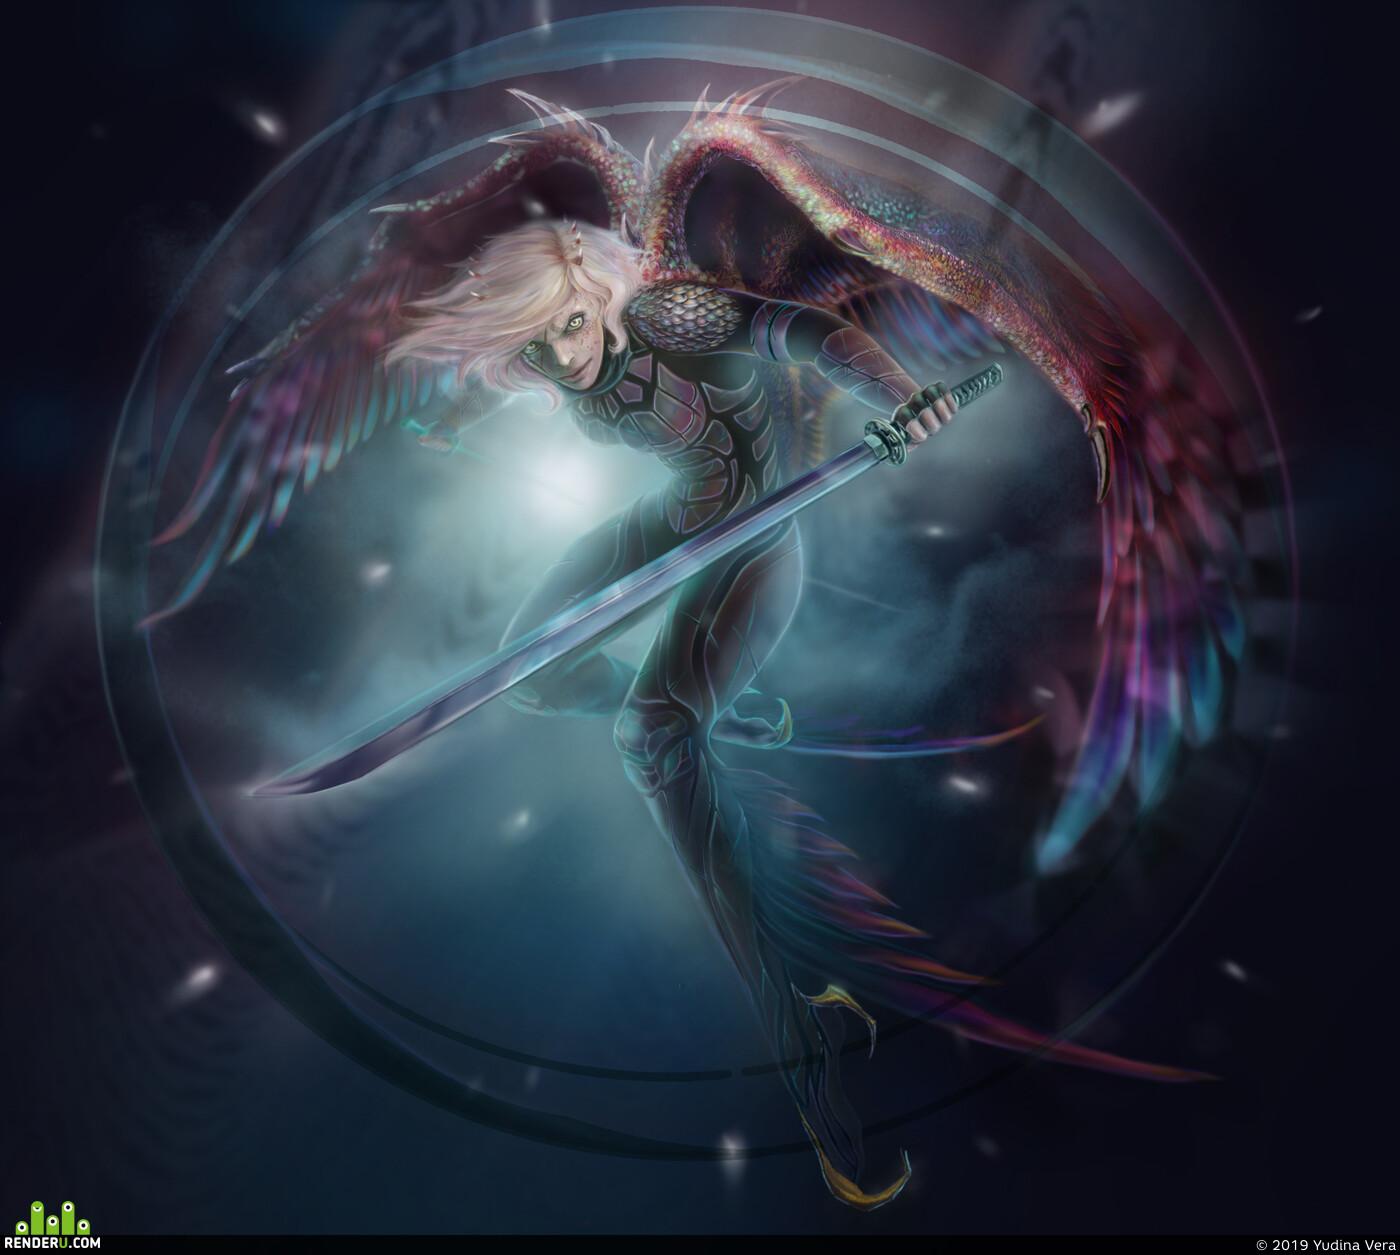 гарпия, крылья, воин, Катана, фэнтэзи, доспехи, Персонажи, женскийперсонаж, меч, Digital 2D